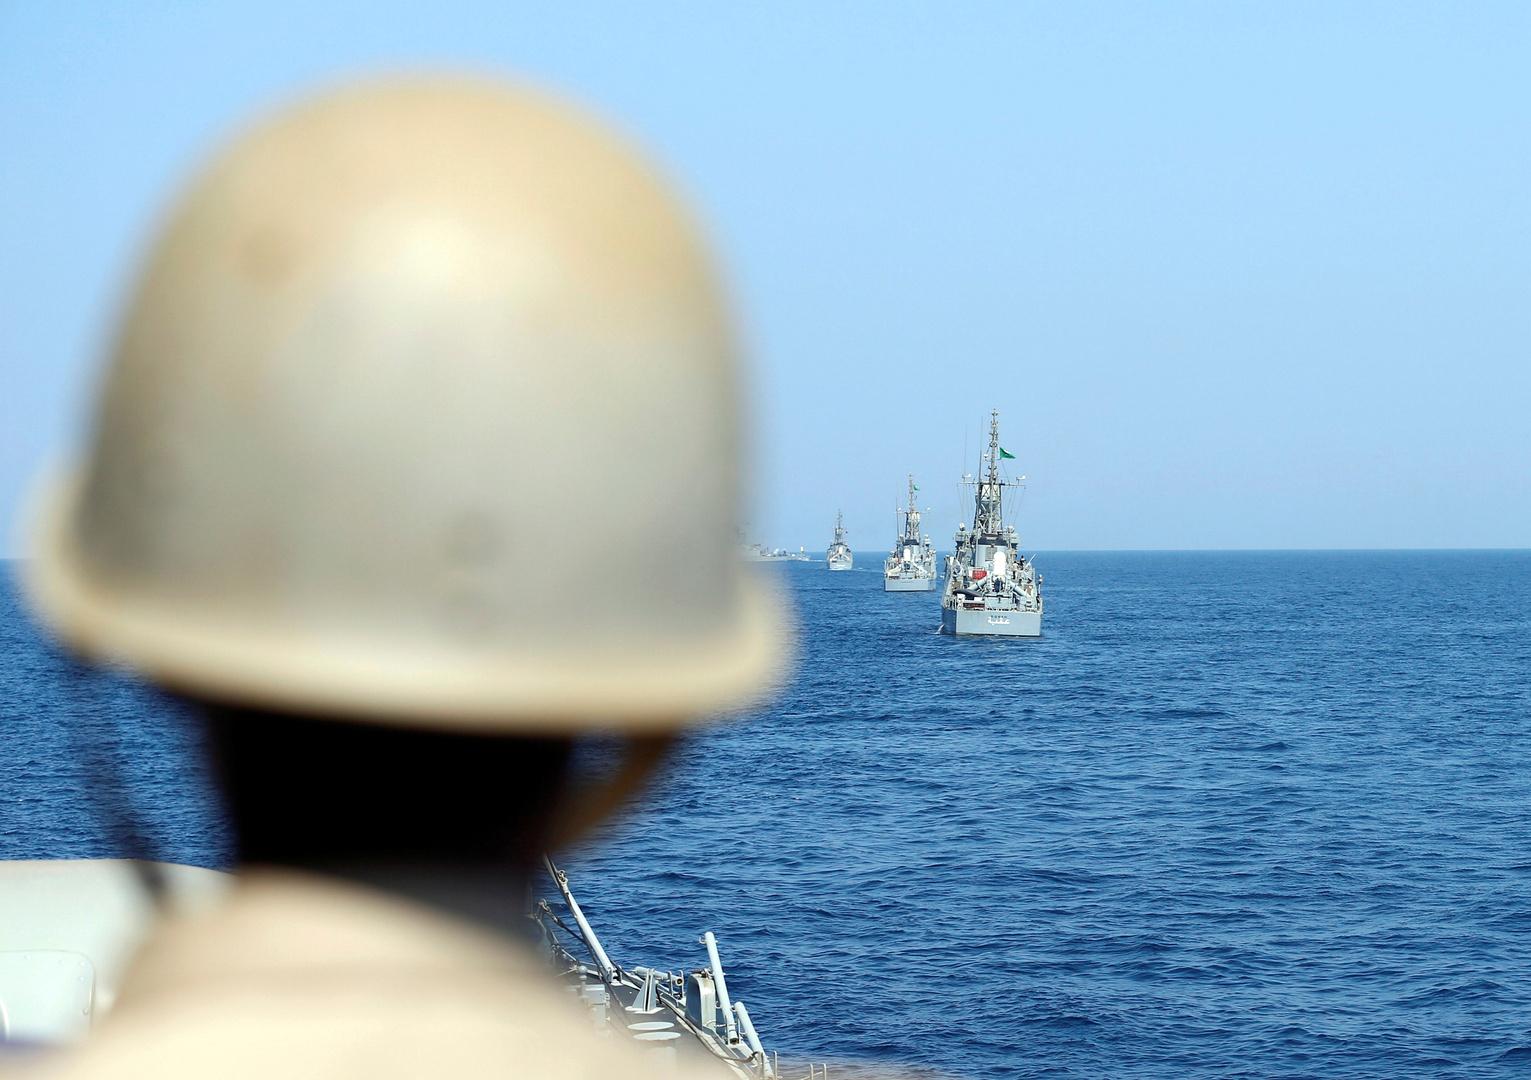 أحد أفراد البحرية الملكية السعودية، أرشيف